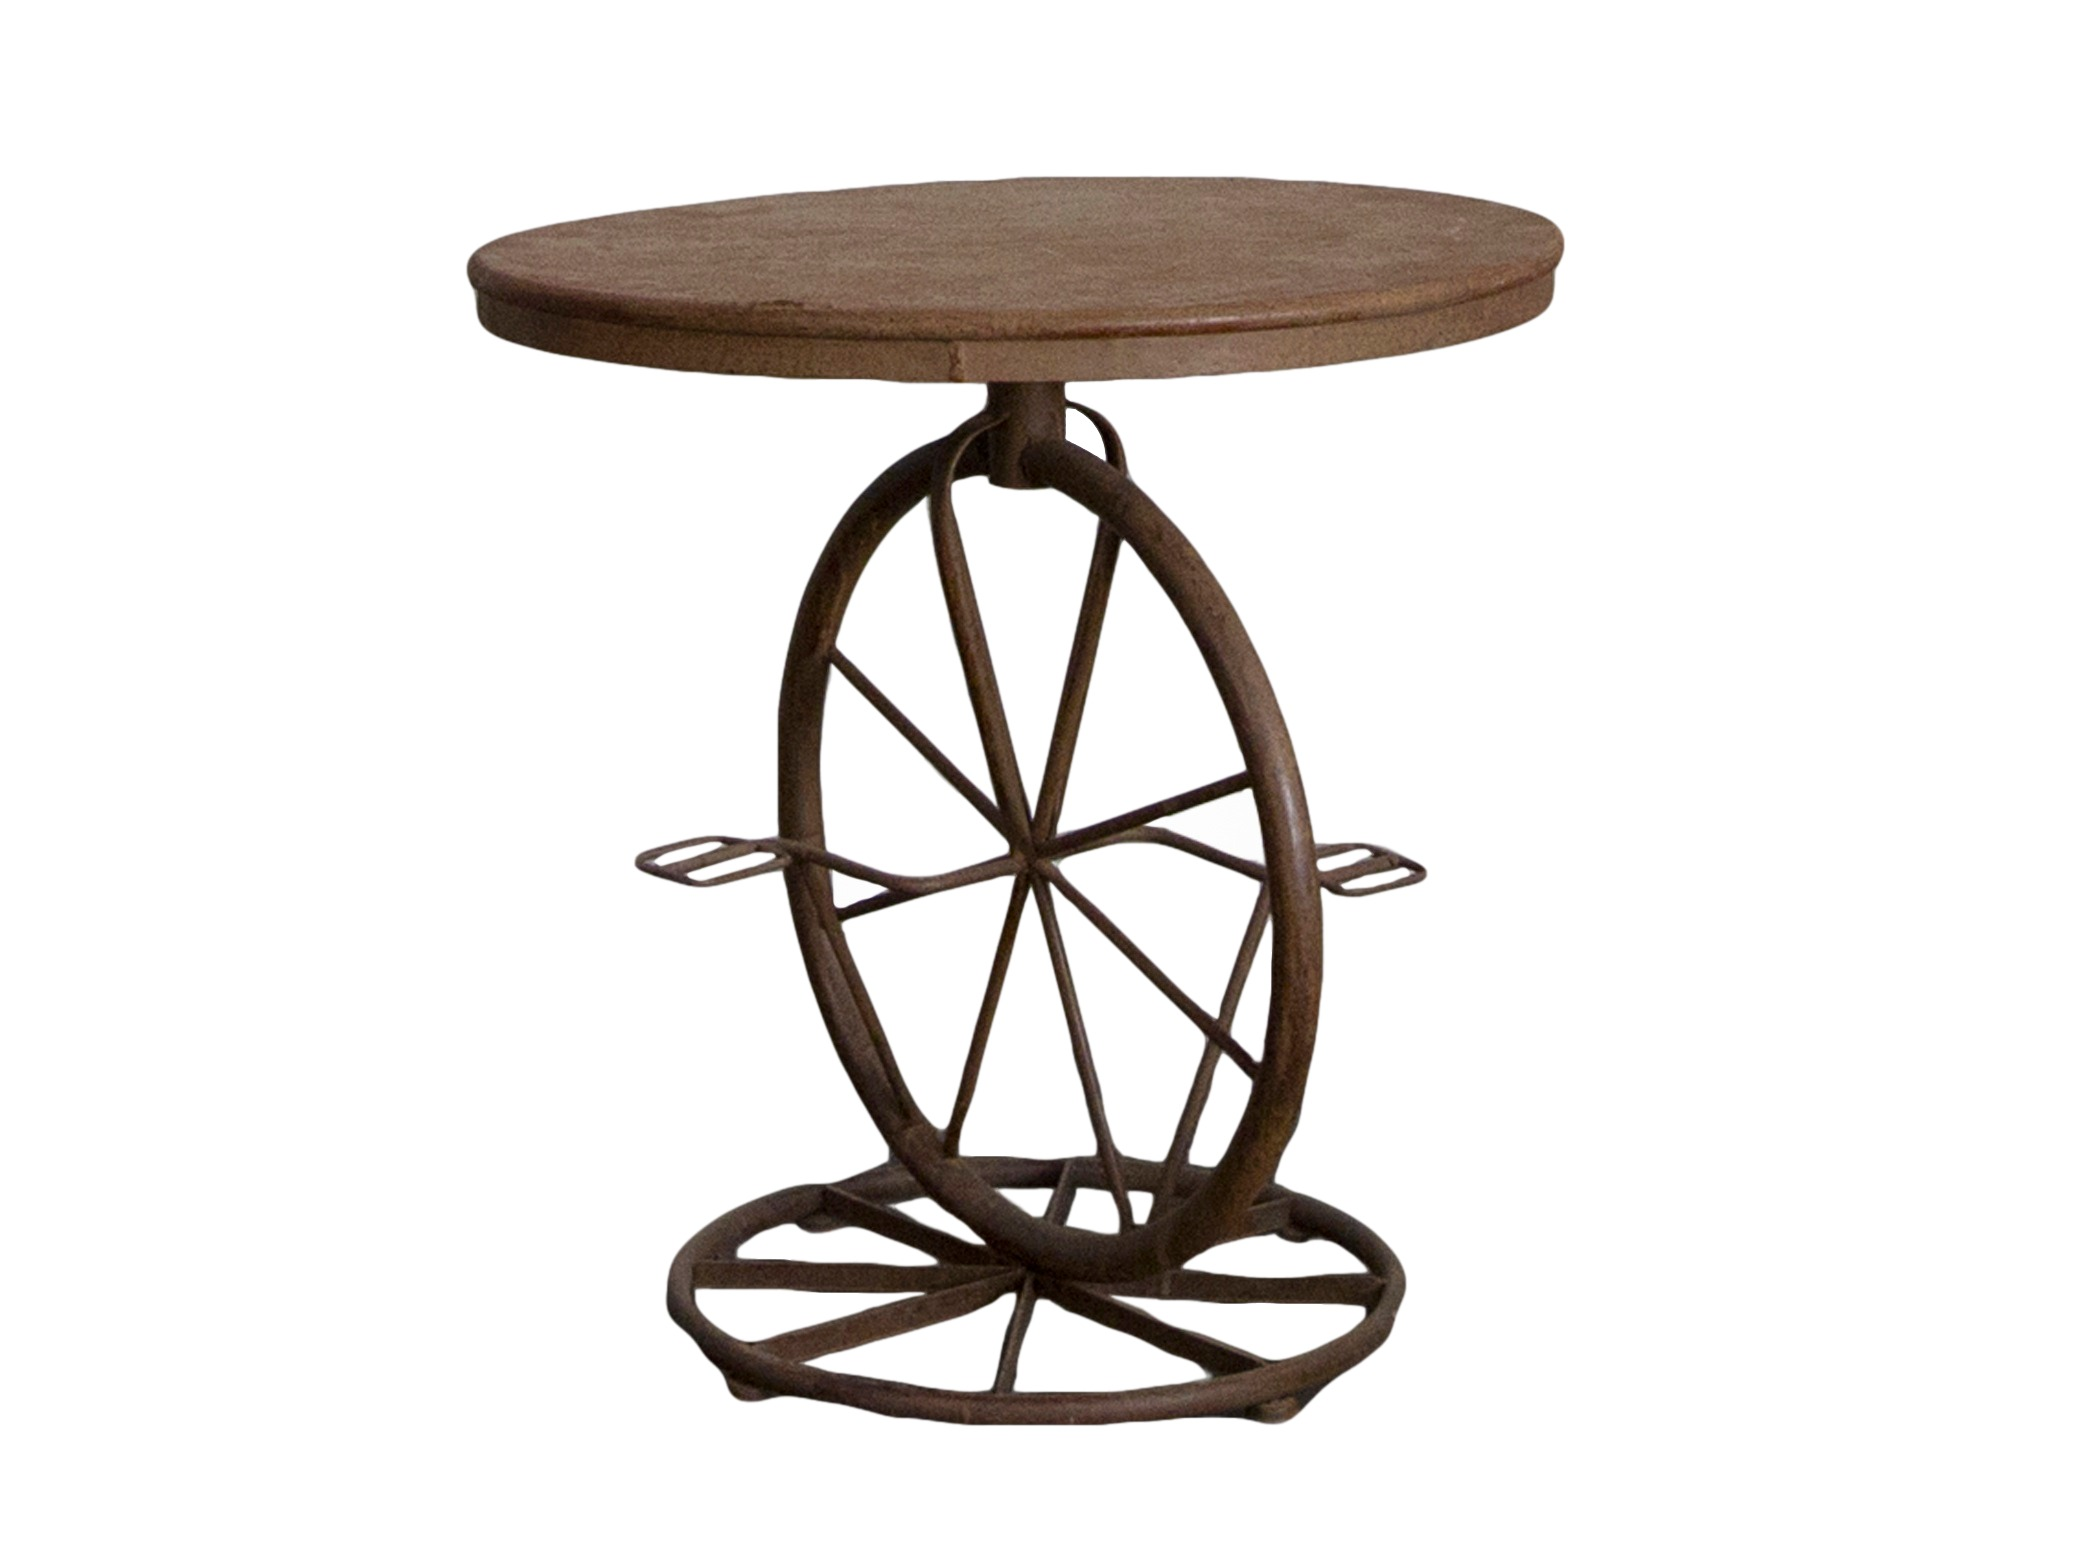 СтолСтолы и столики для сада<br>Состаренный железный столик на декоративной ножке , в виде колес.<br><br>Material: Железо<br>Высота см: 71